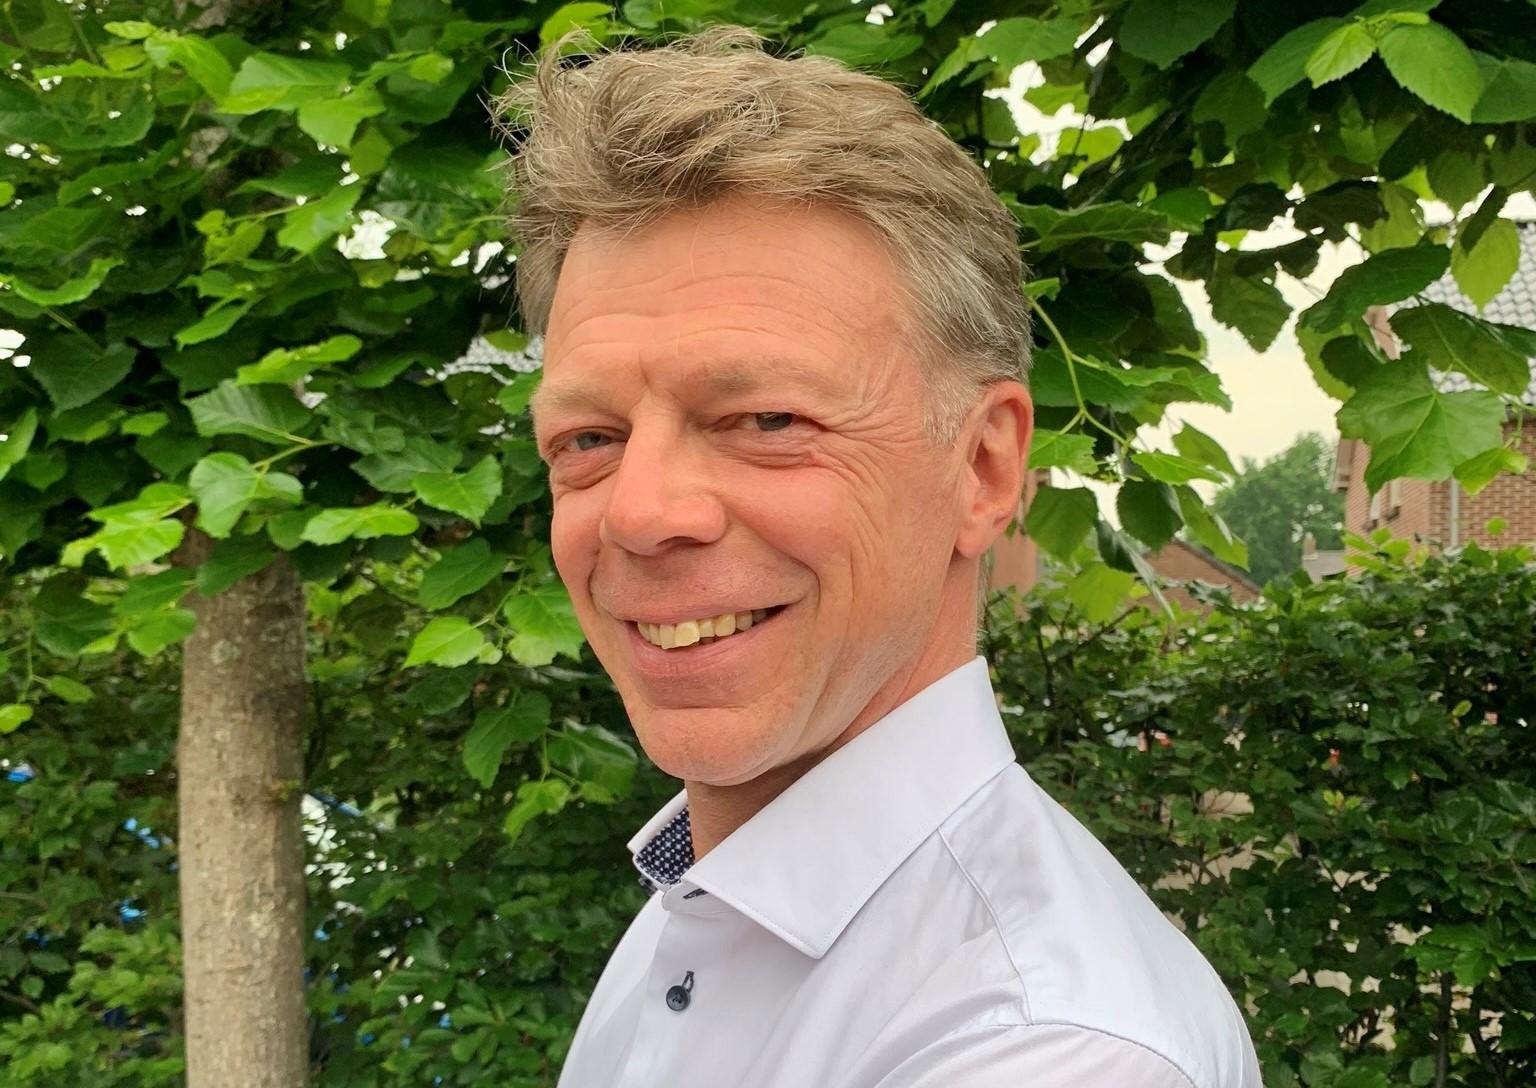 Edwin Hooijschuur